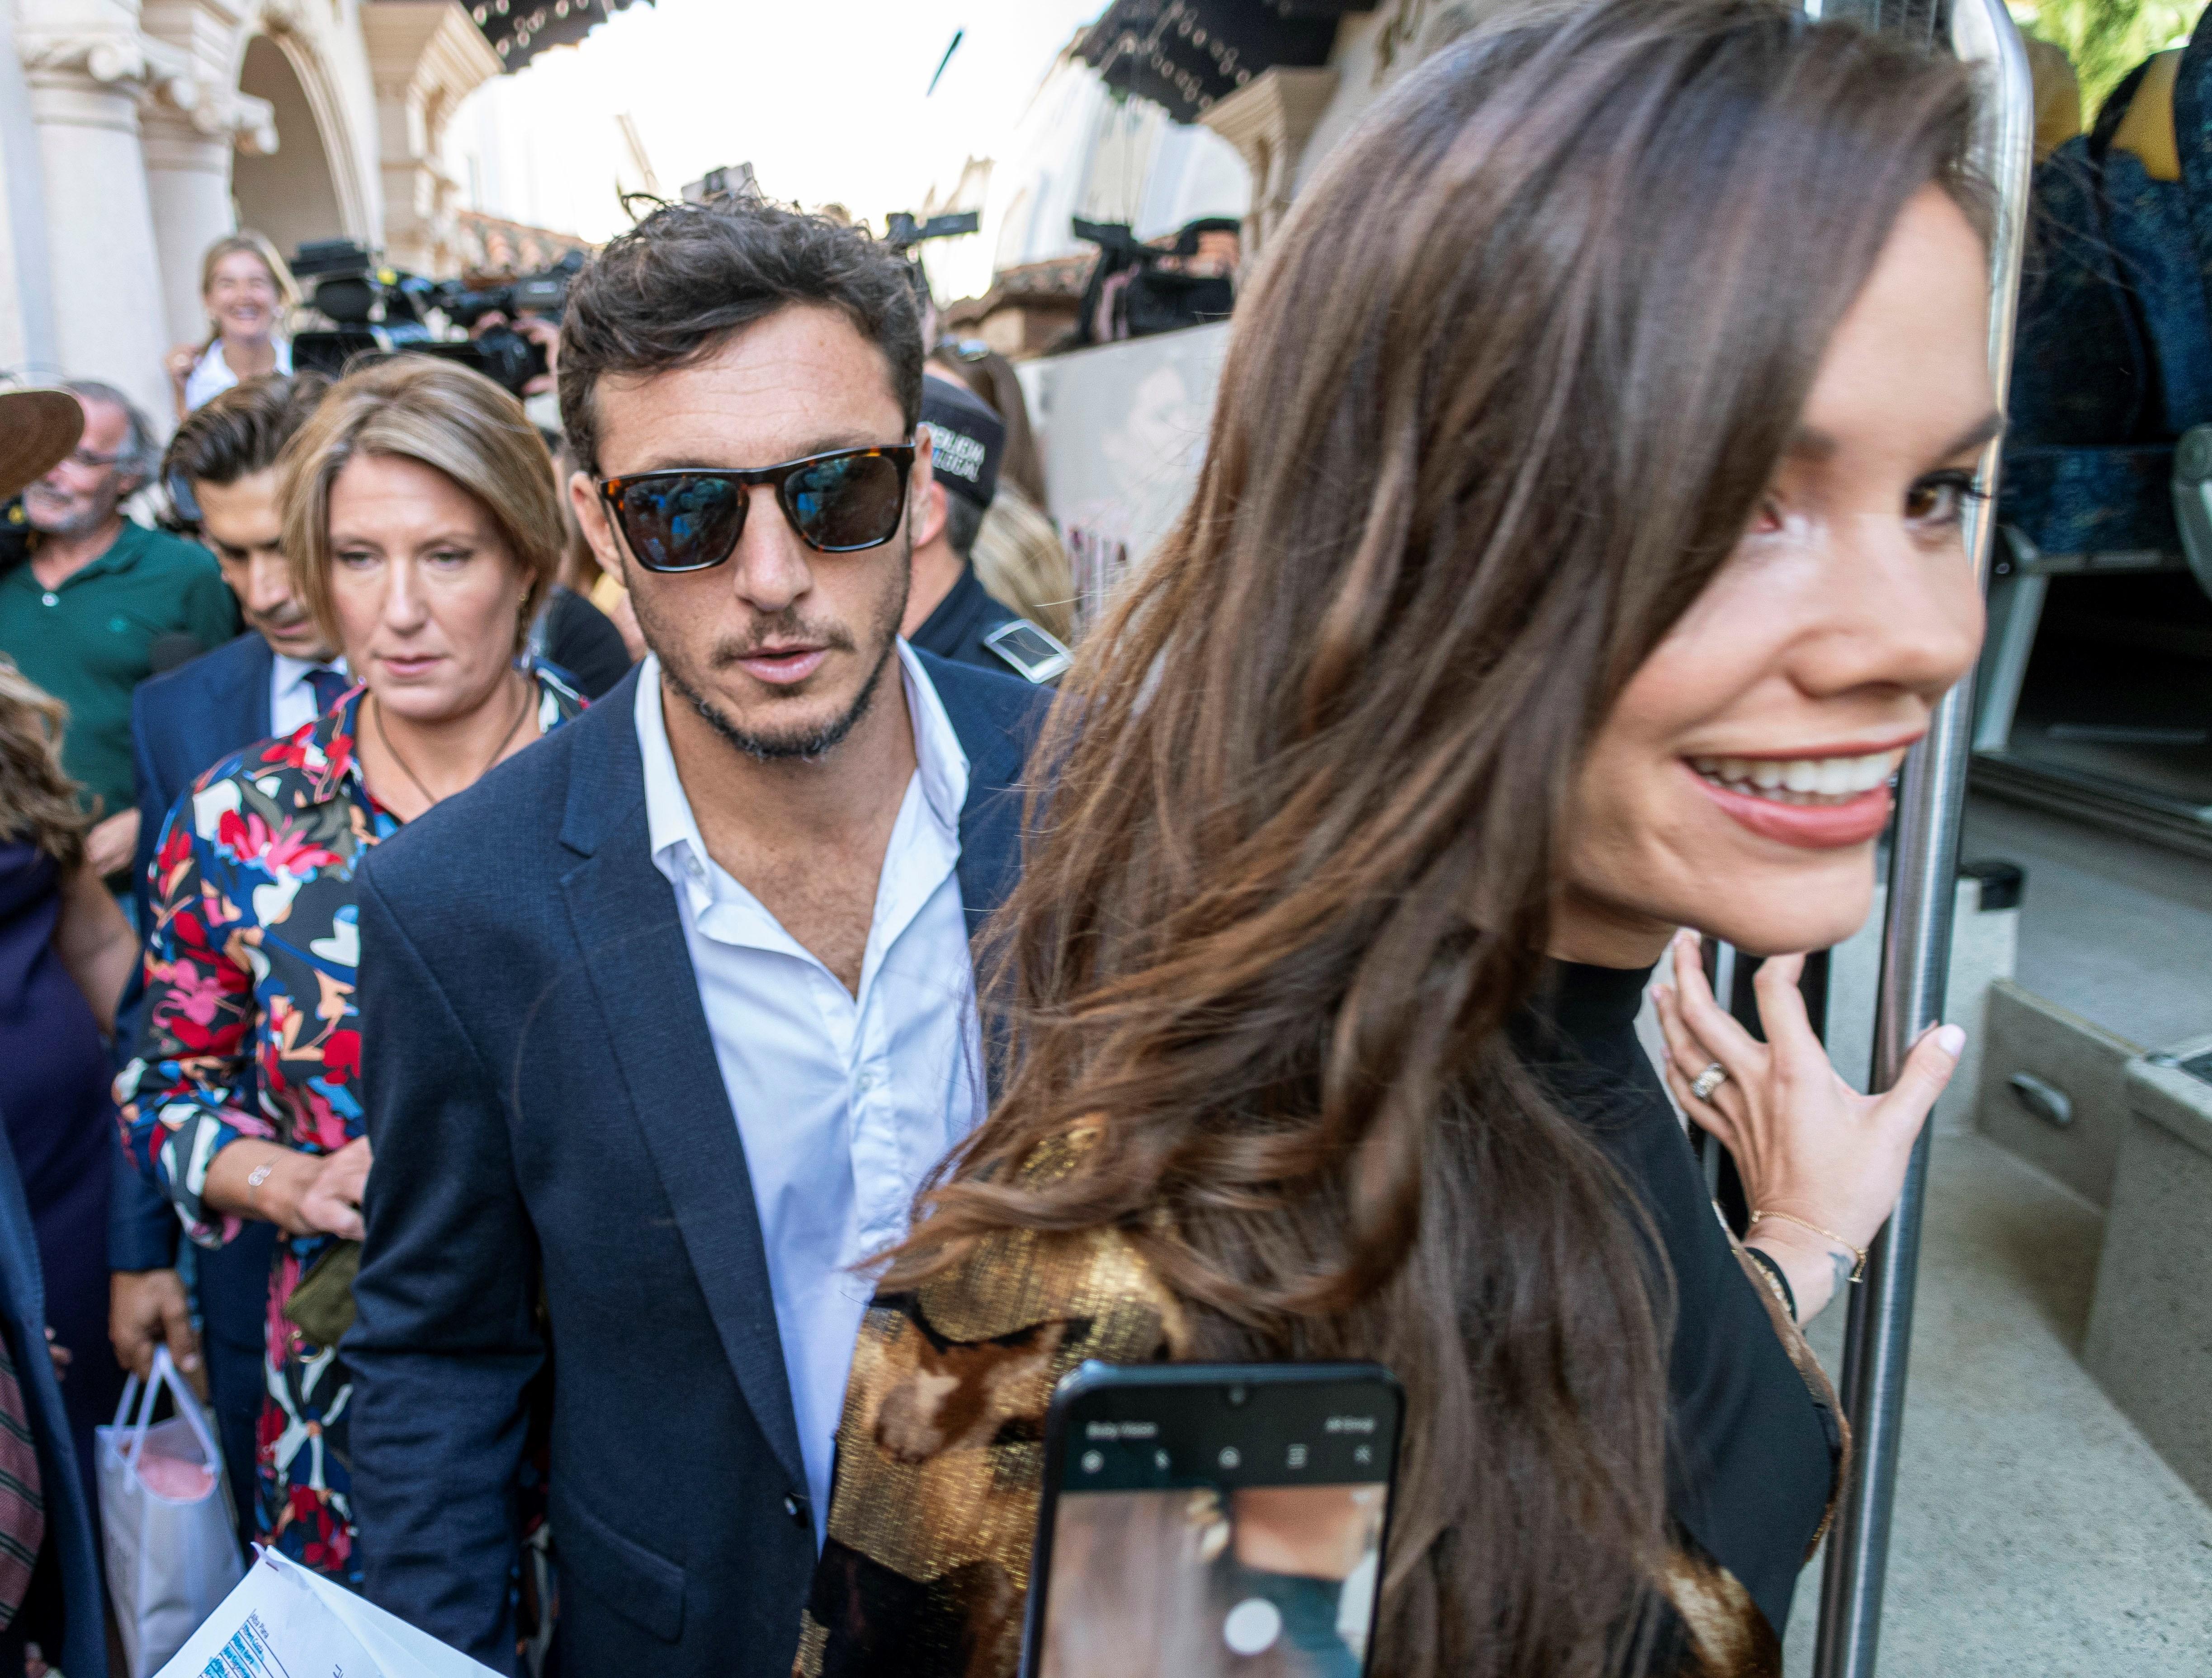 El tenista argentino Juan Mónaco y Diana Arnopoulos, invitados a la boda de Rafa Nadal y Mery Perelló, saliendo del hotel donde están alojados en Pollença (Mallorca) EFE/ Cati Cladera